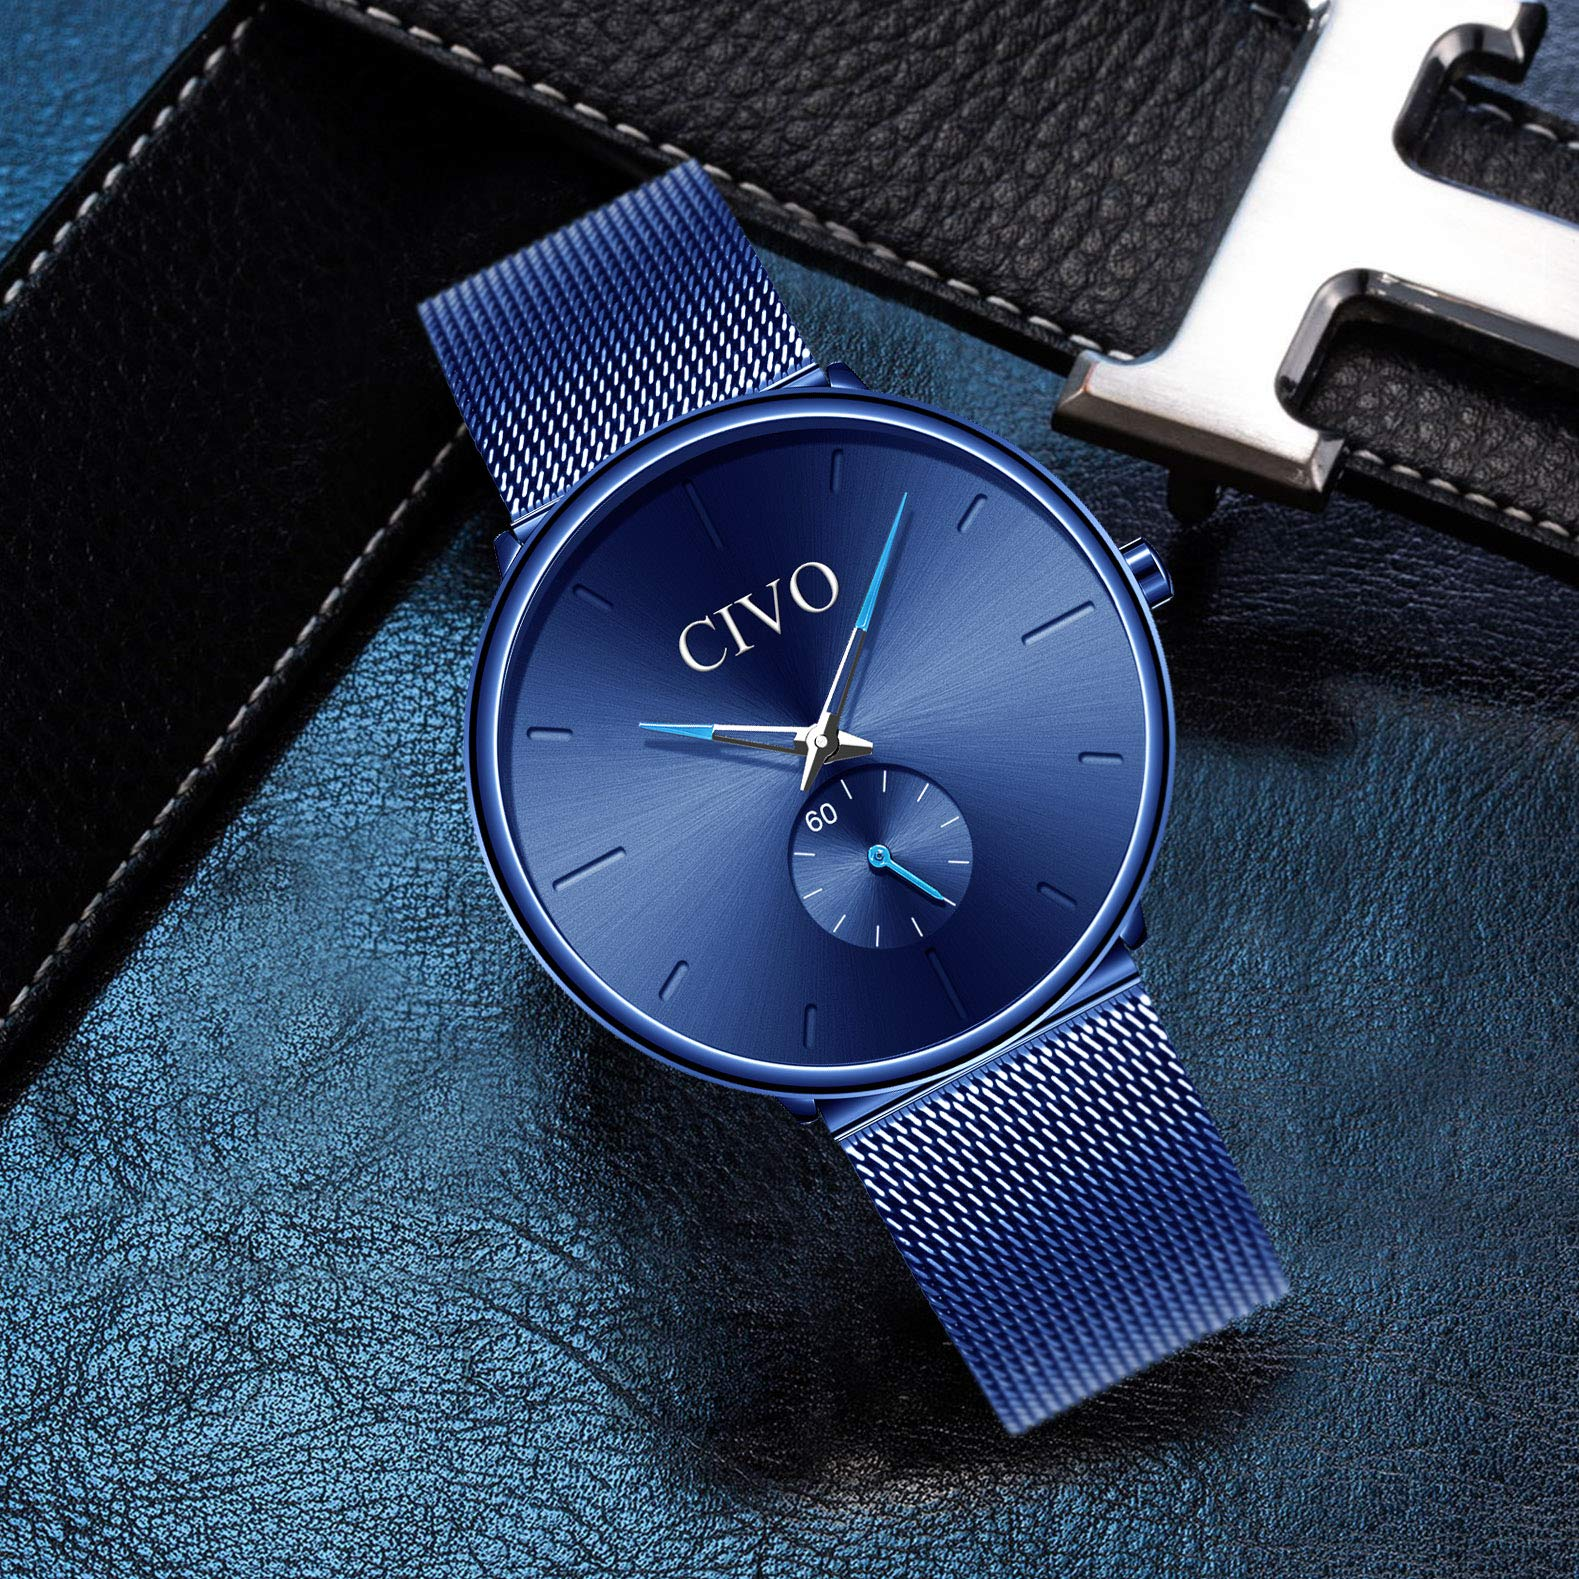 ad30e227cea5 Inicio   Baratos   CIVO Relojes de Hombre Lujo Impermeable Ultra Fino Reloj  de Acero Inoxidable Minimalista Moda ...